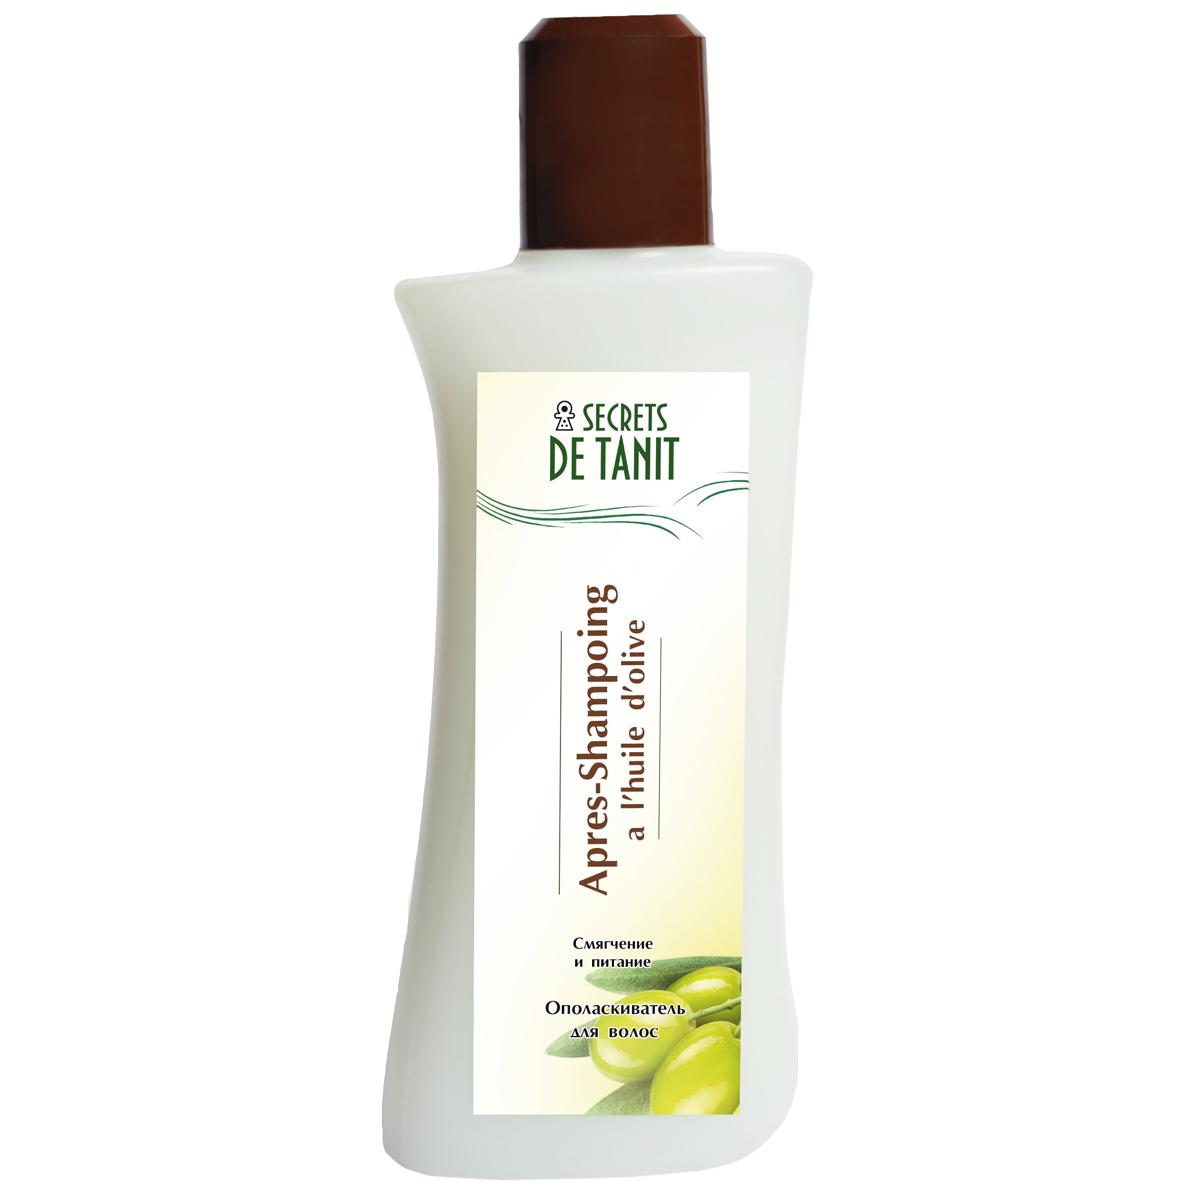 Secrets de Tanit Ополаскиватель для волос с маслом оливы, 200 мл secrets de tanit шампунь с тфалью и маслом оливы 400 мл